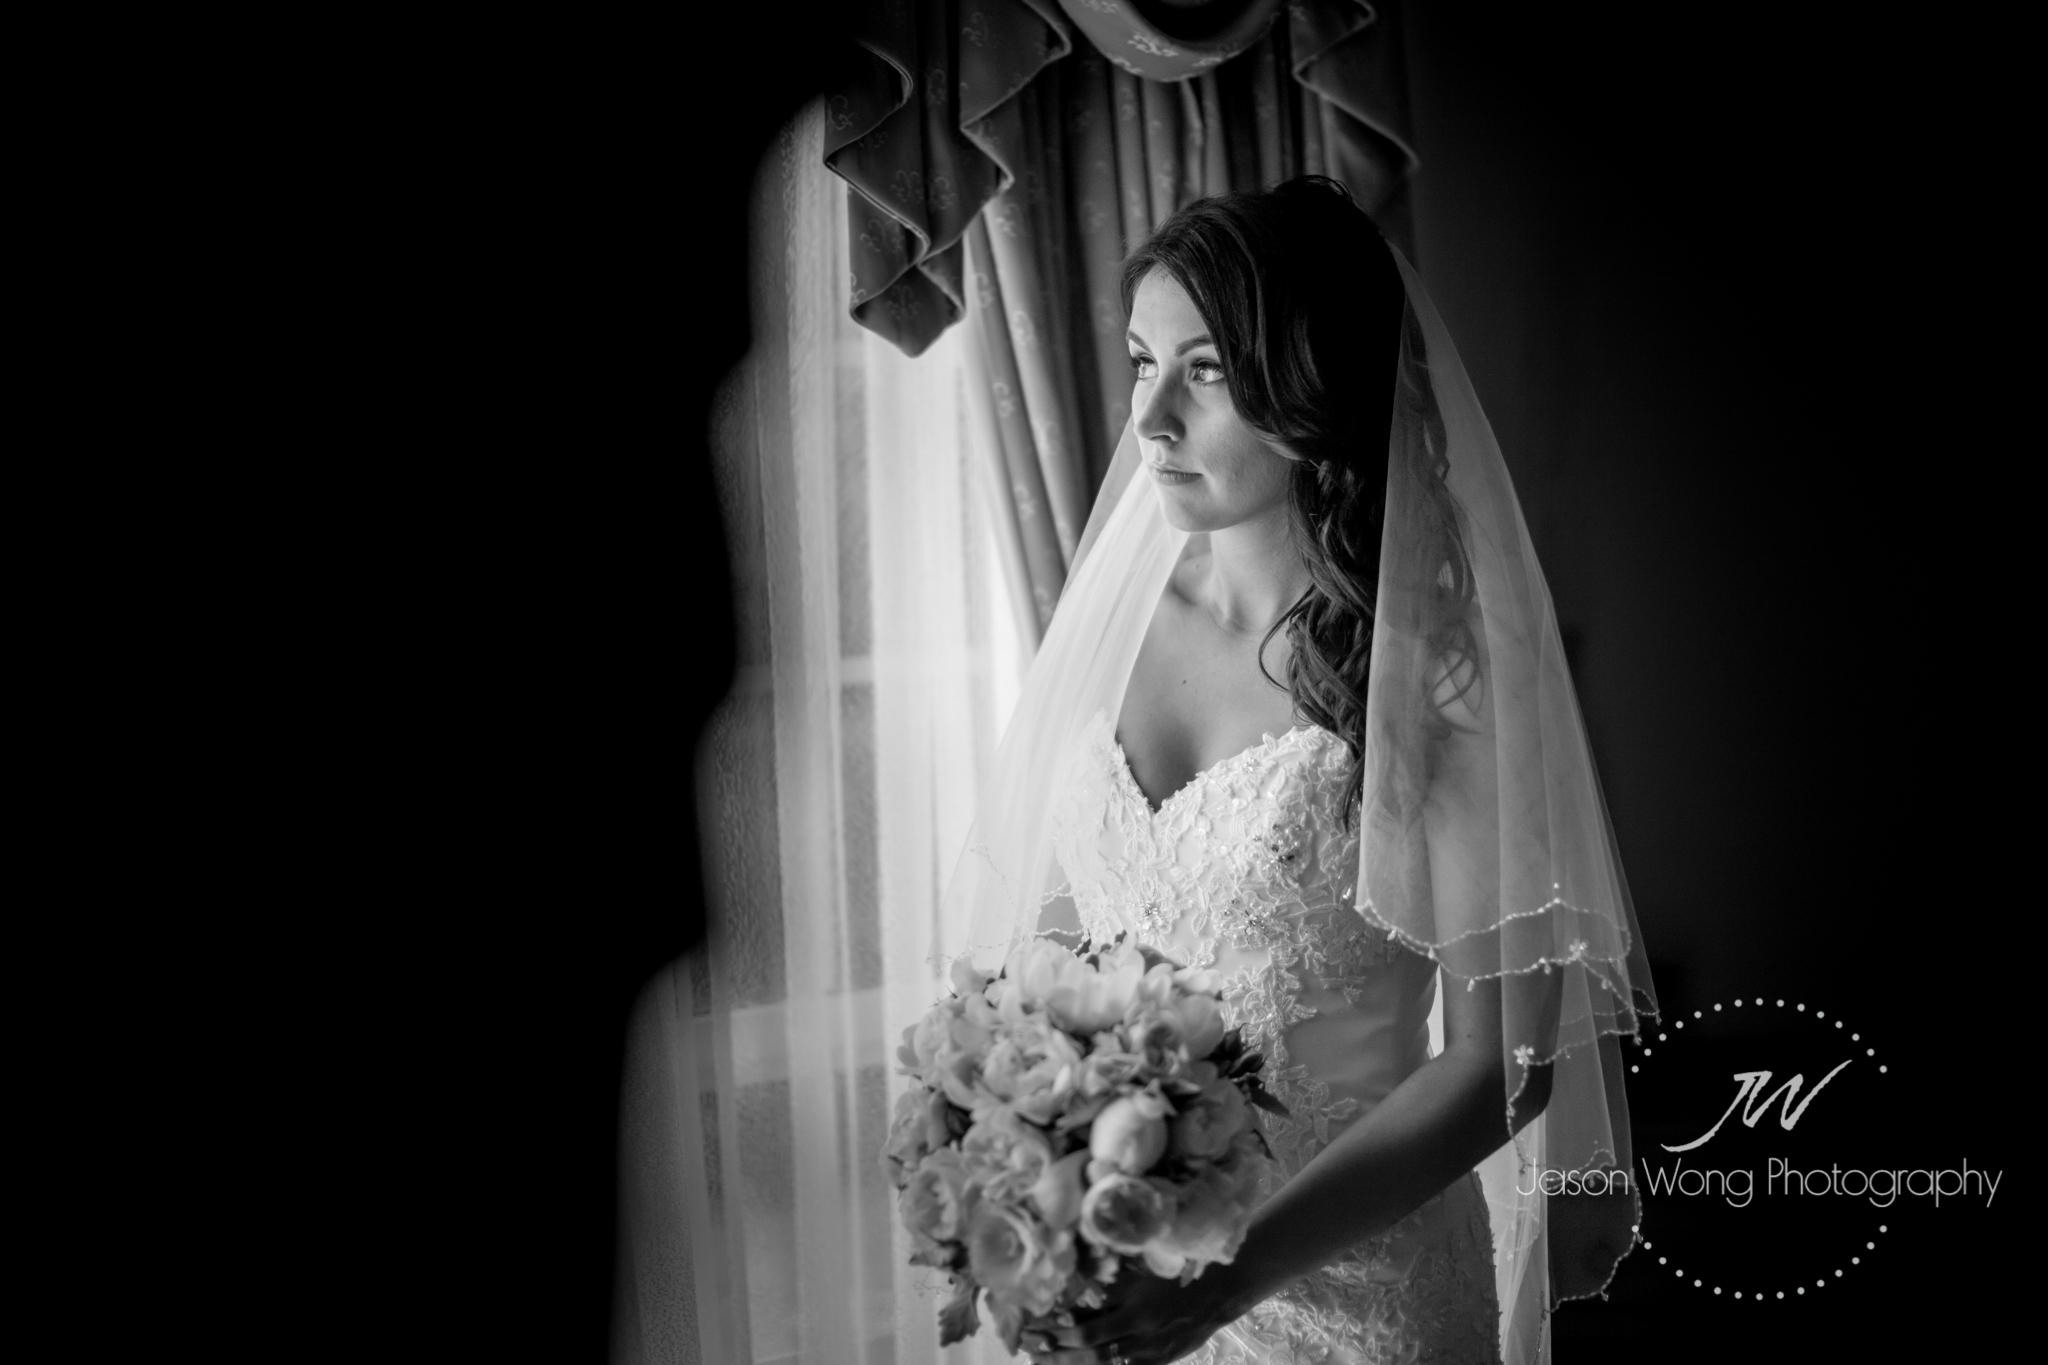 bride-waiting-for-groom.jpg